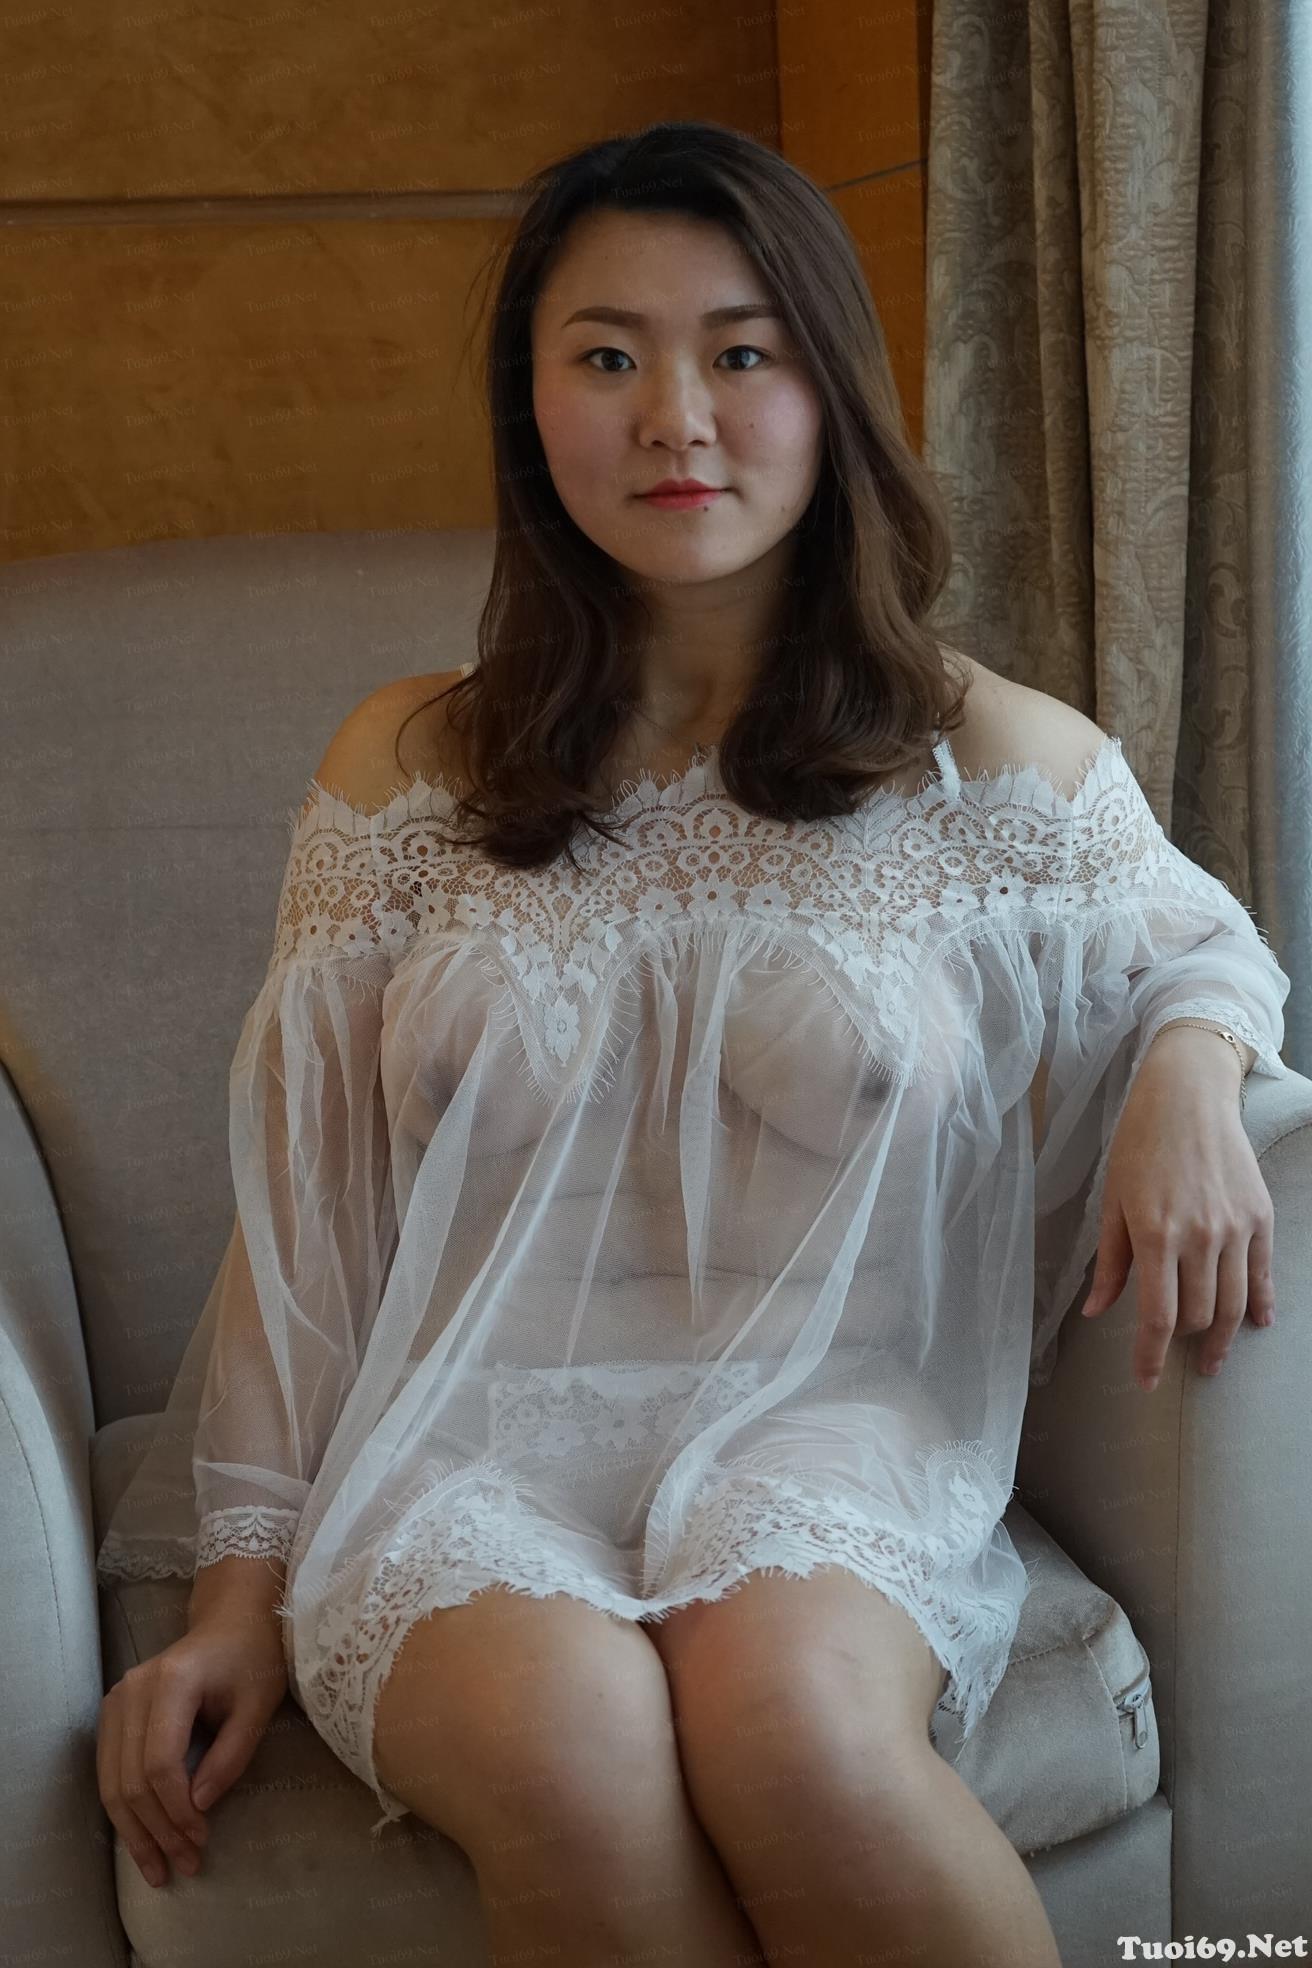 170PIC - Ảnh độc của em gái dâm Liangjia tại nhà riêng bị phát tán!